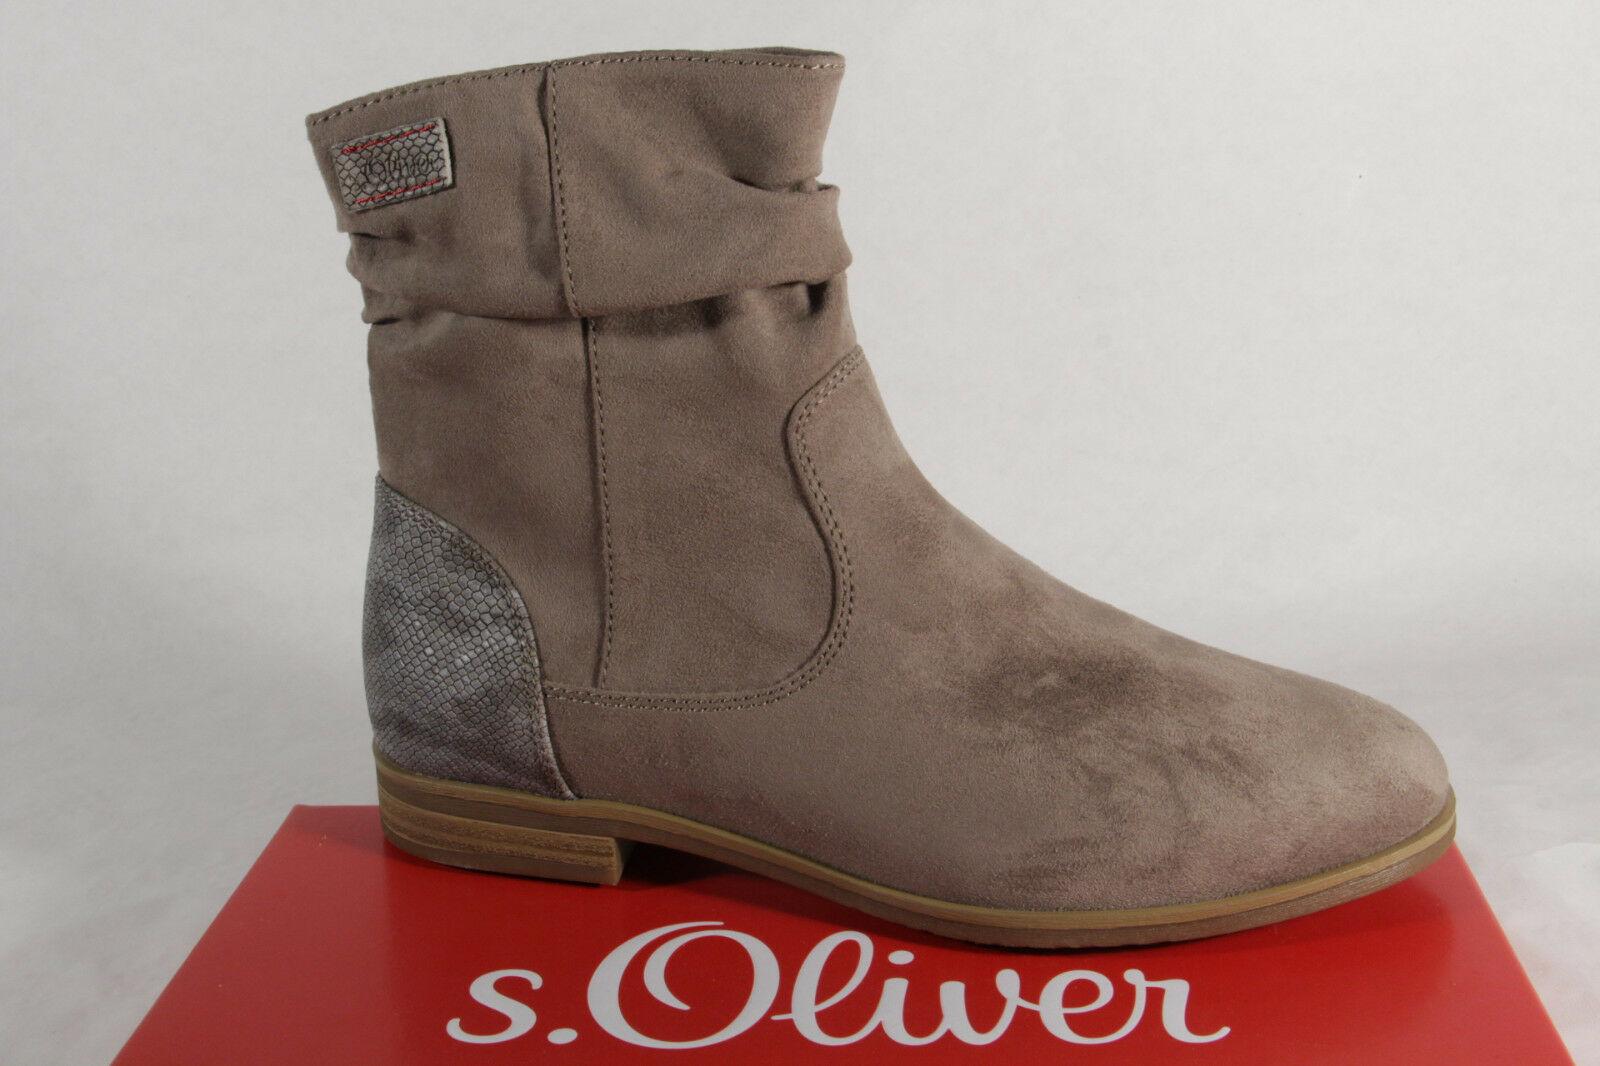 S.Oliver Damen Stiefel, Stiefelette, Stiefel beige 25357 NEU